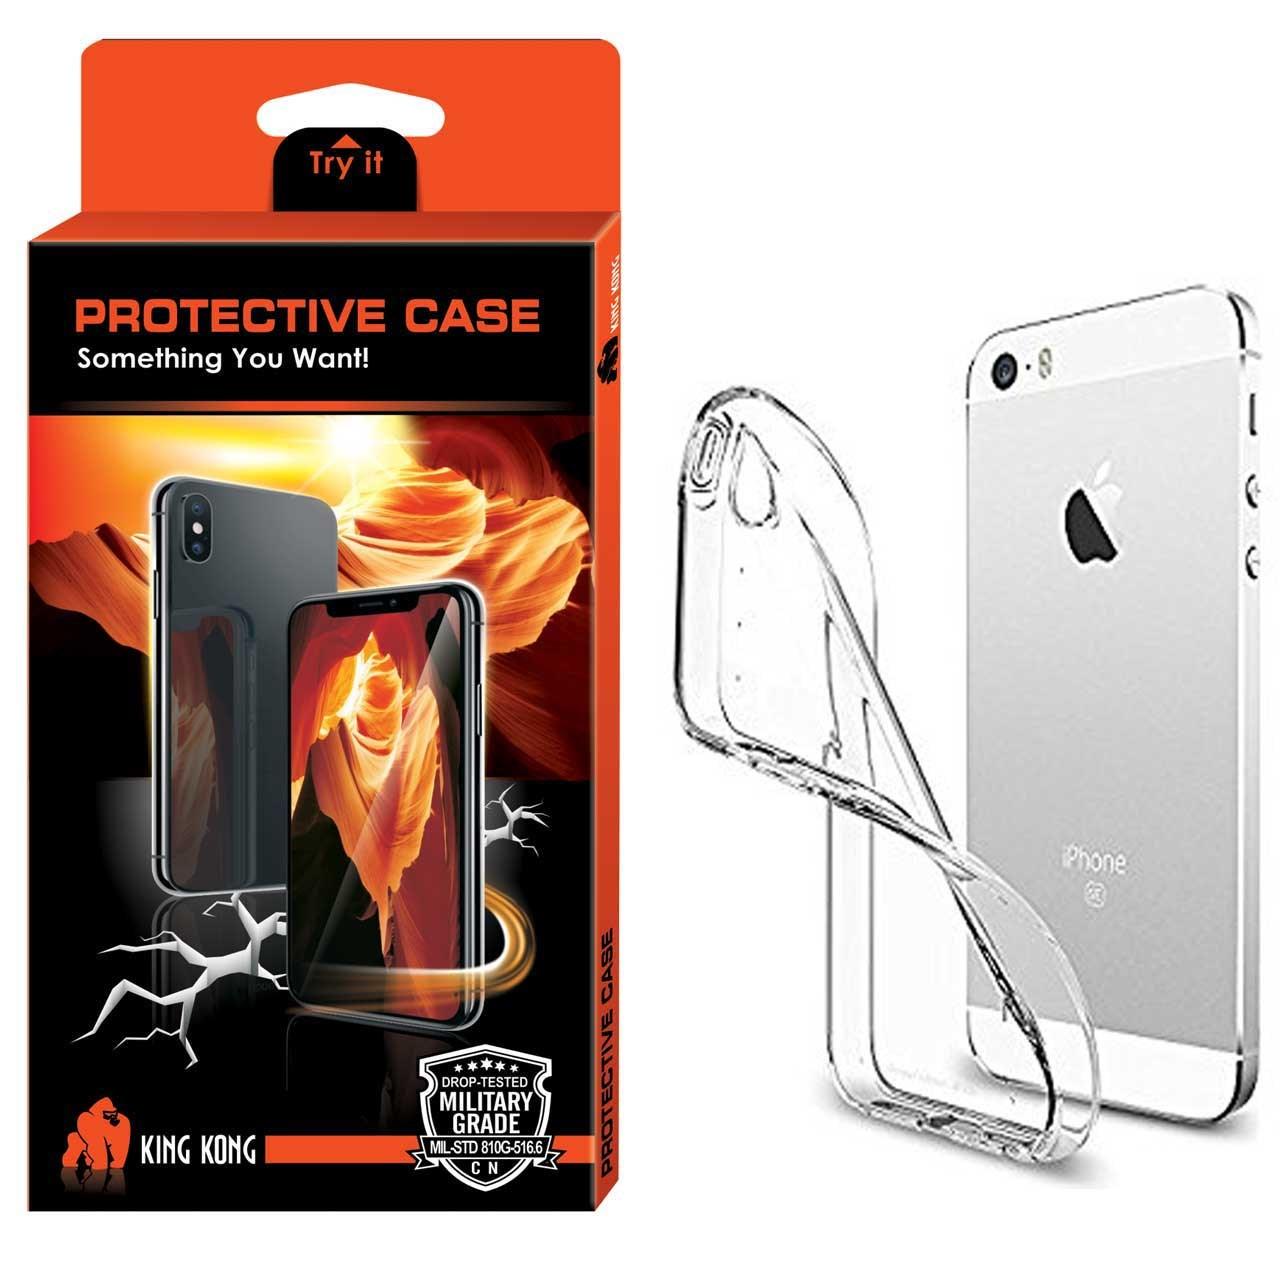 کاور کینگ کونگ مدل Protective TPU  مناسب برای گوشی اپل آیفون 5/5S/SE